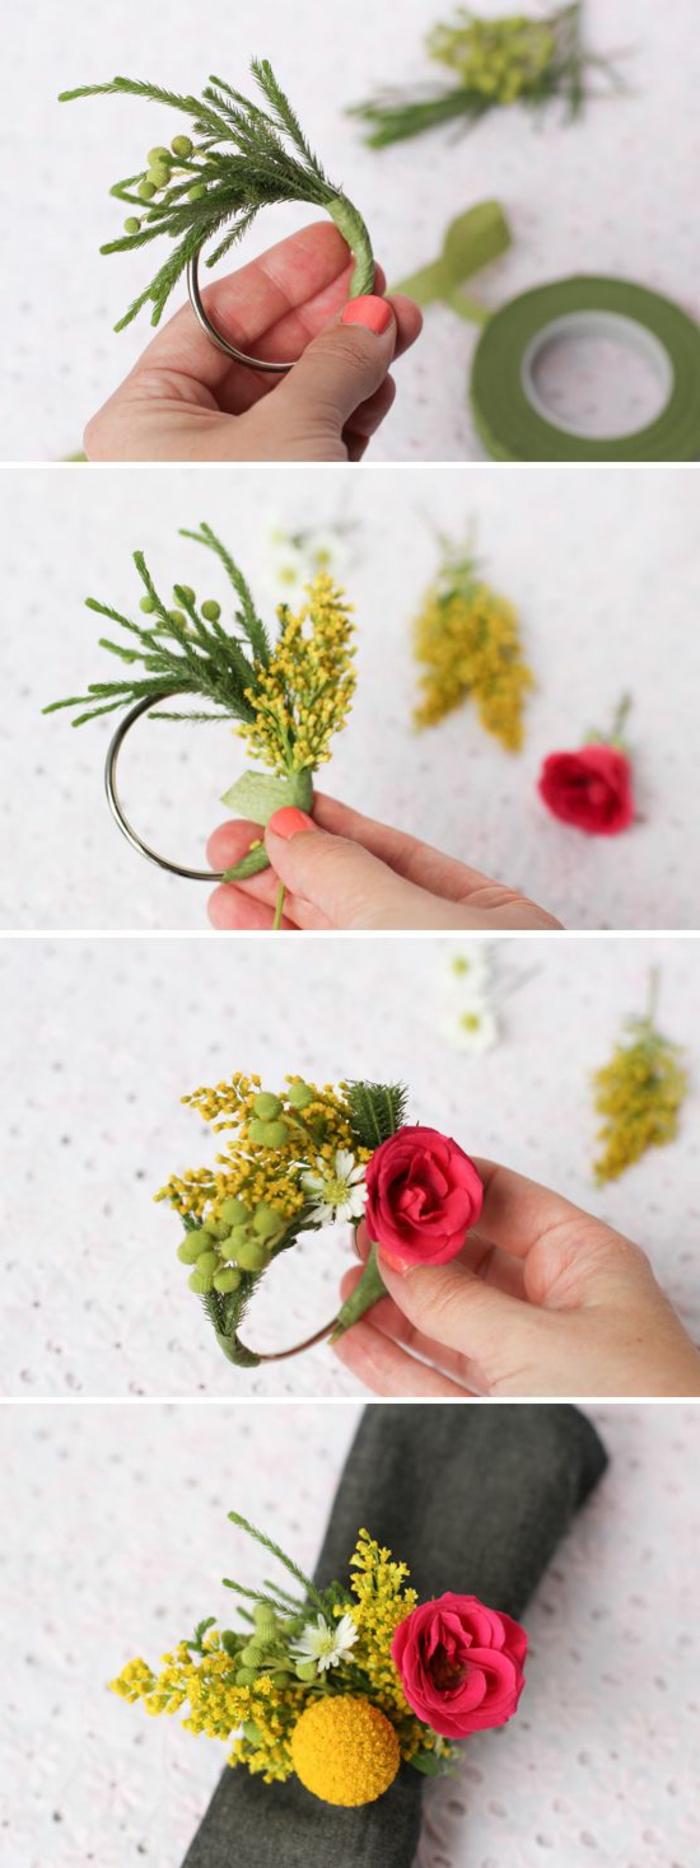 activité créative, comment décorer une table mariage, idée technique pliage de serviette avec rond DIY floral